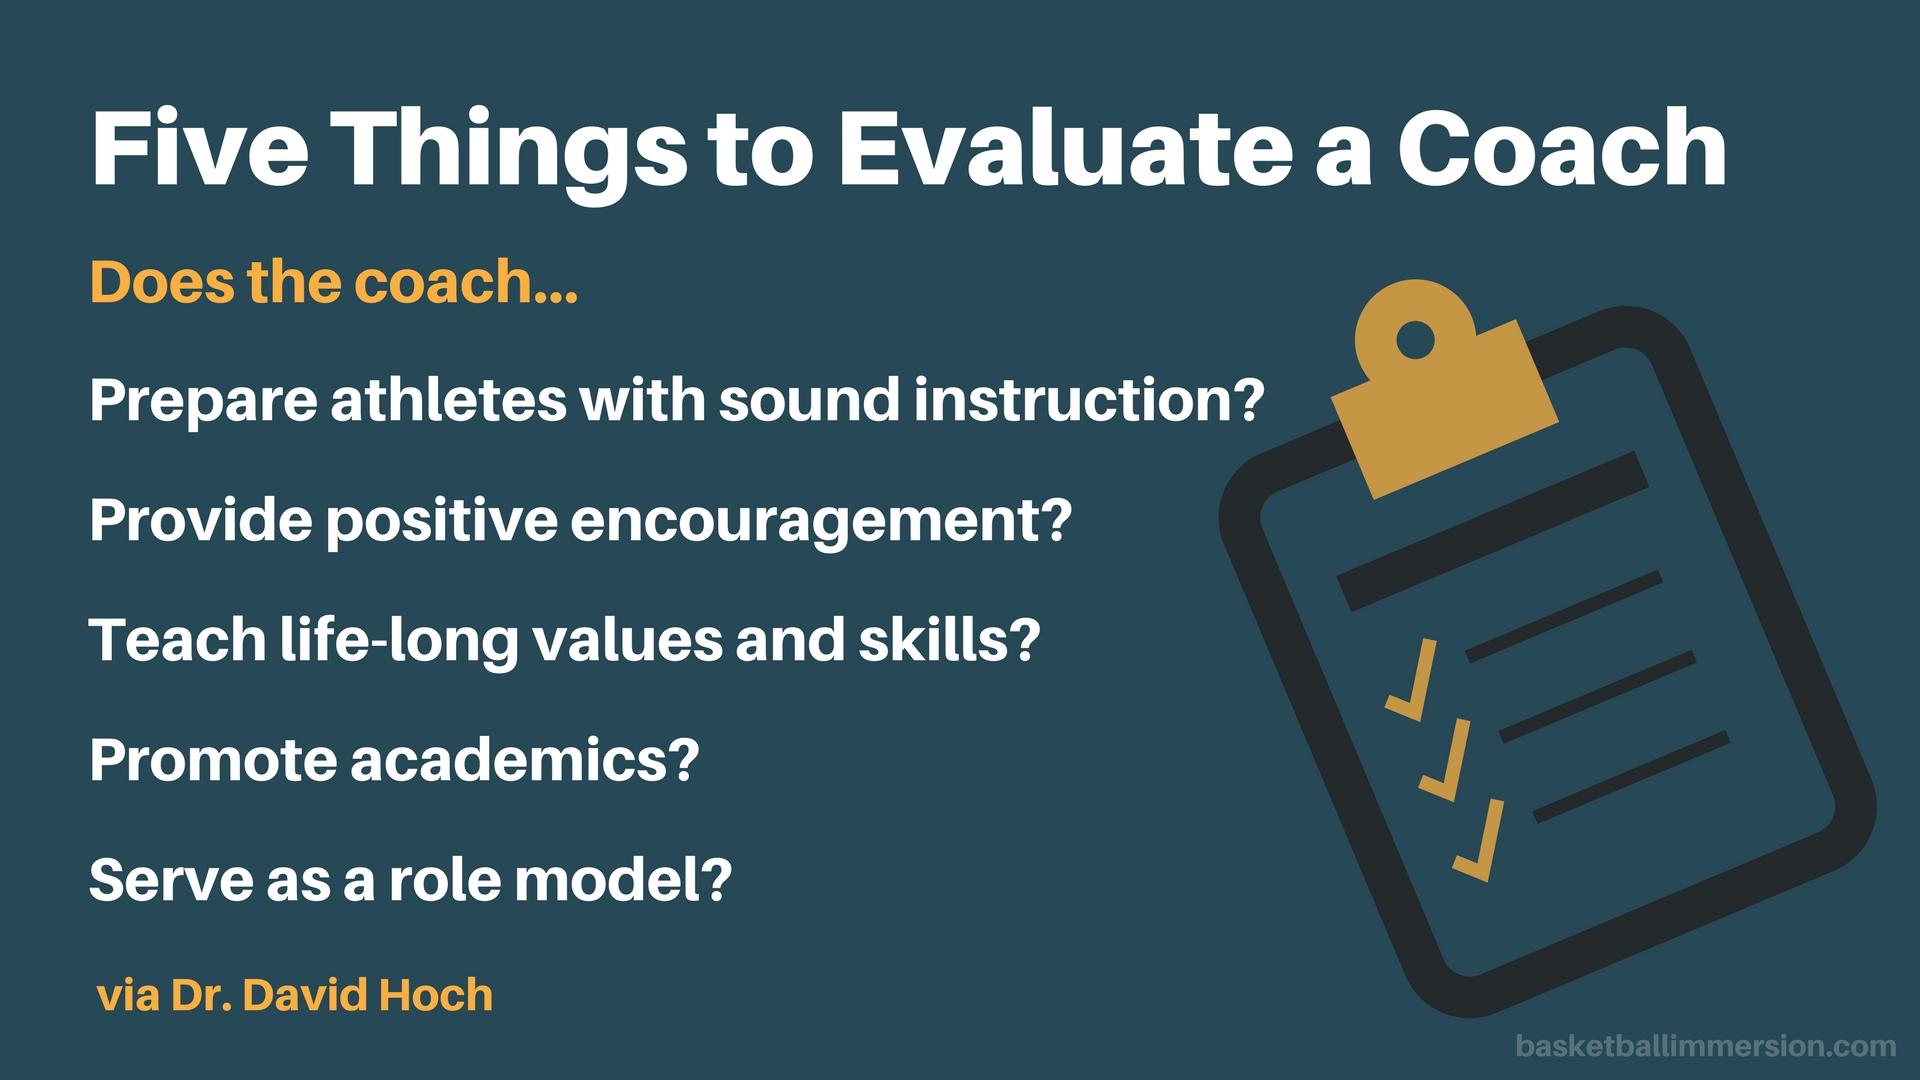 coaching evaluation